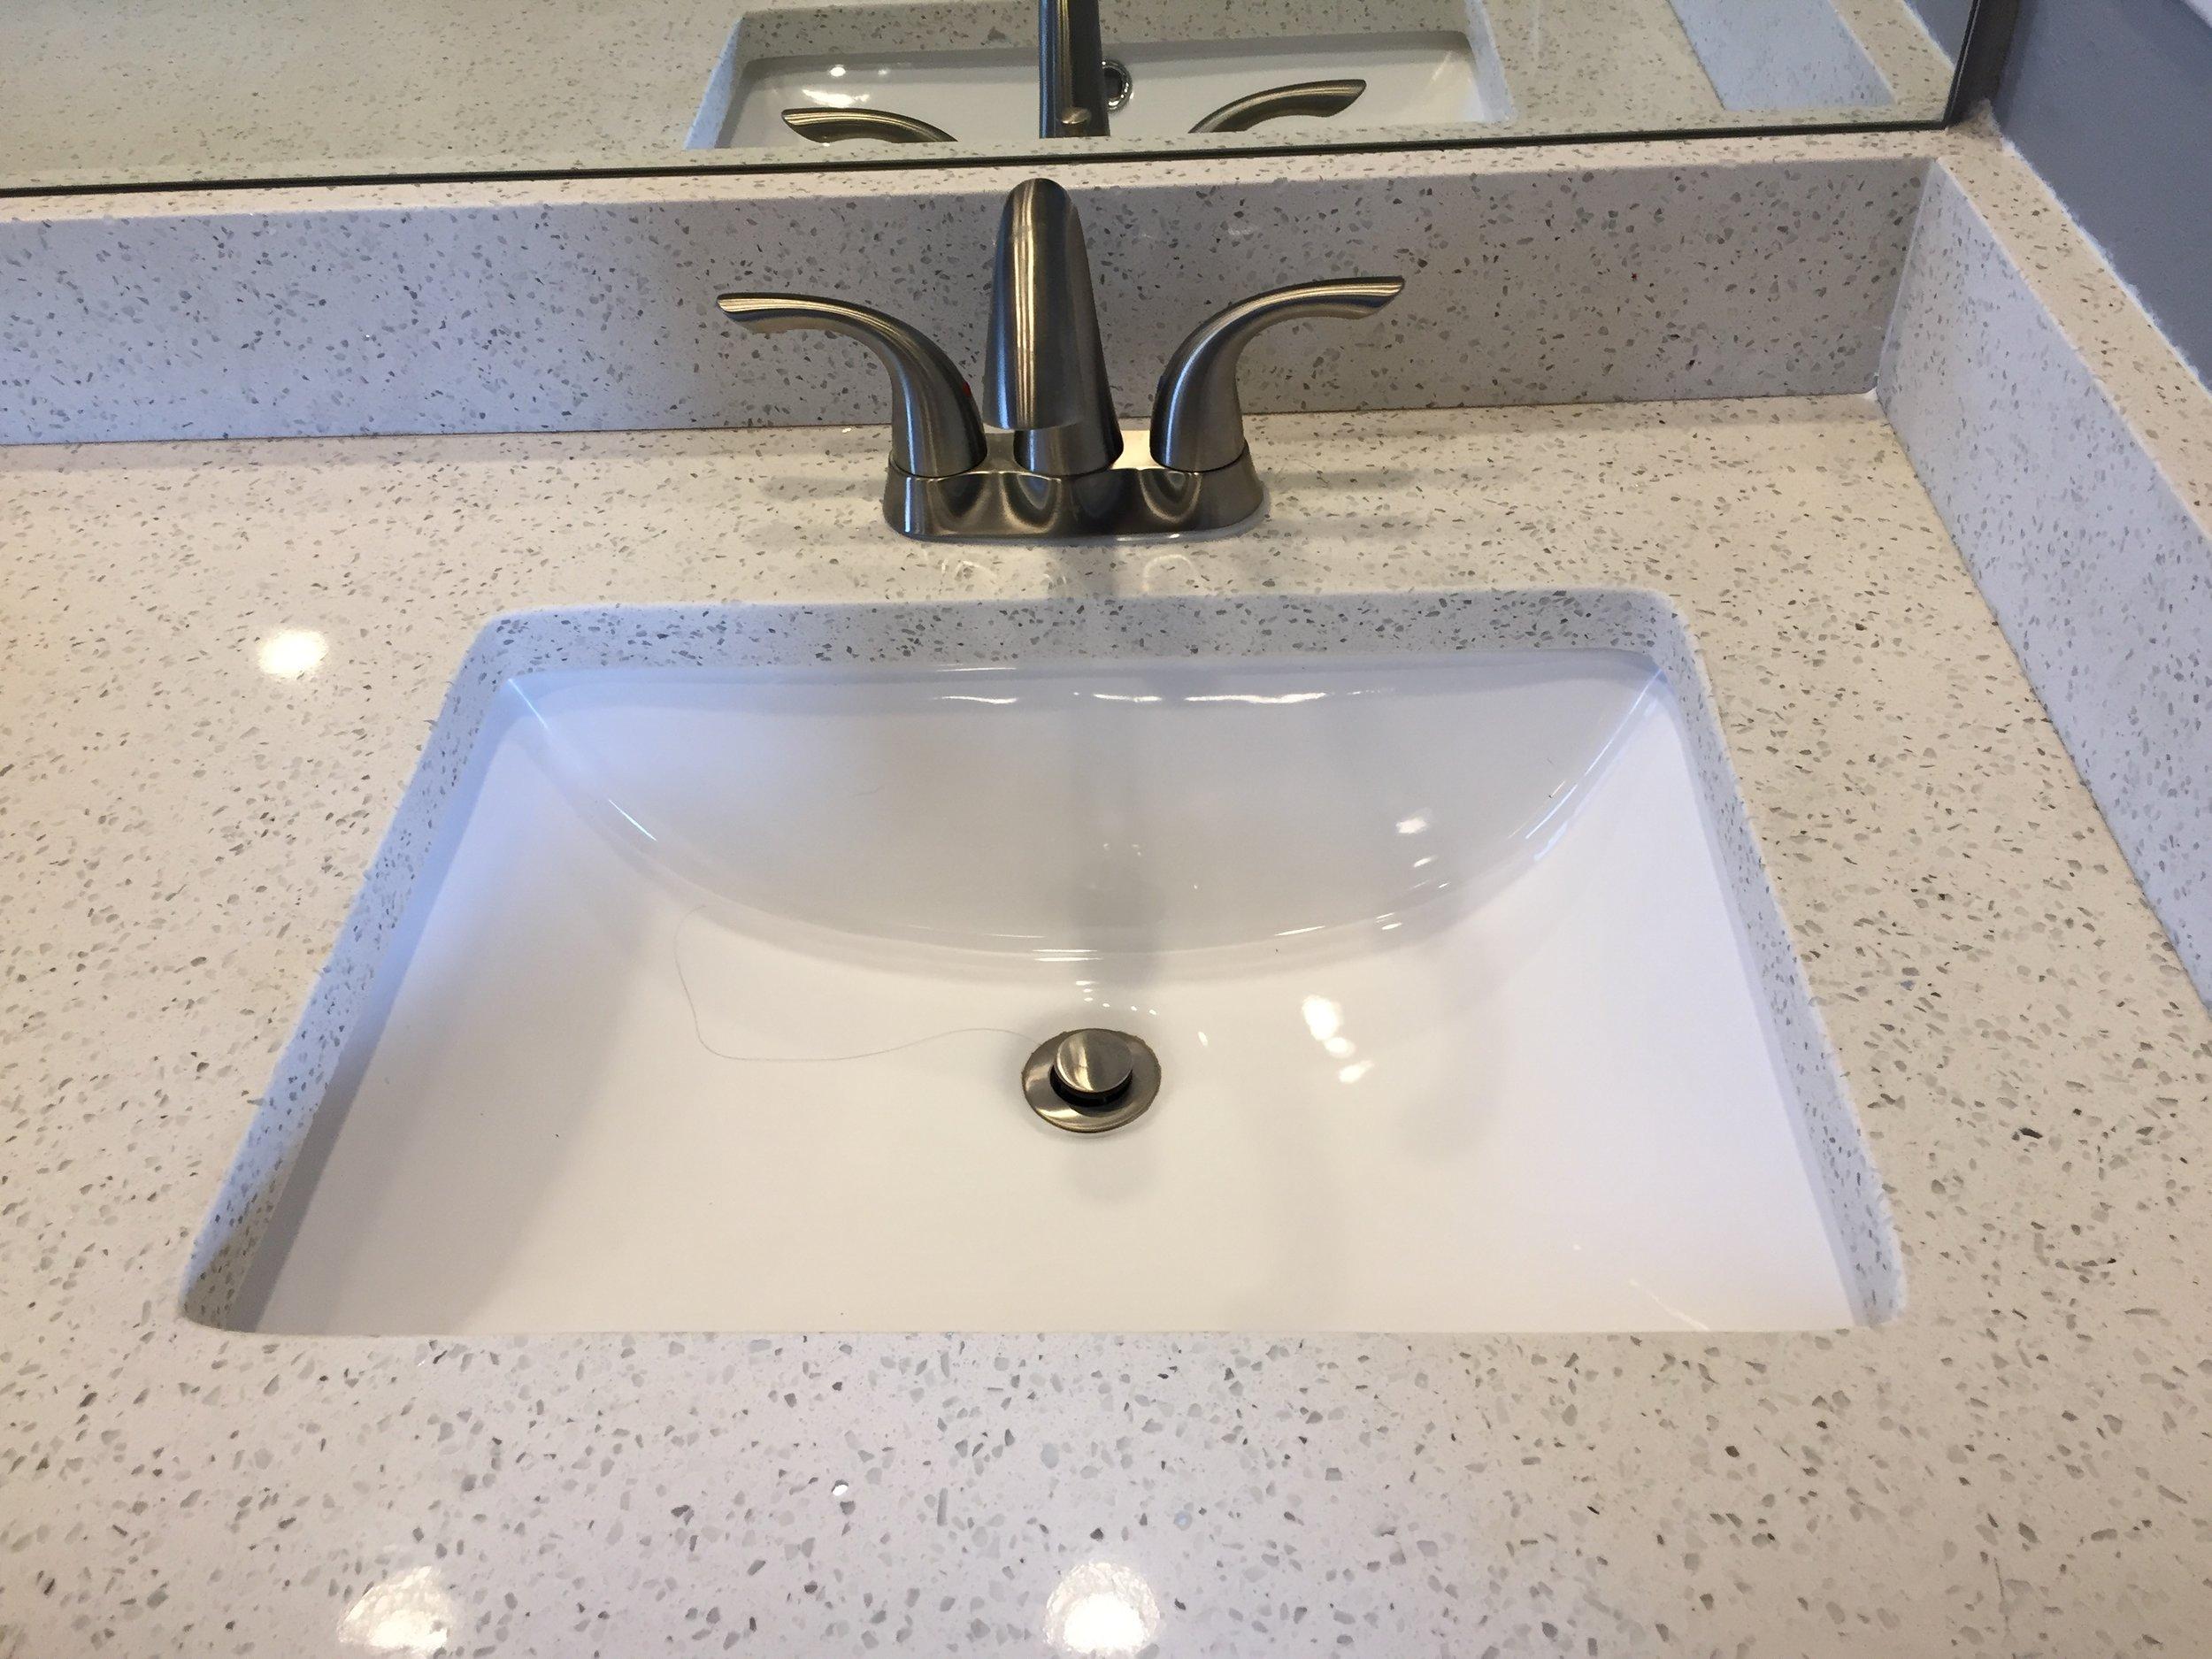 L92KV sink close up.JPG